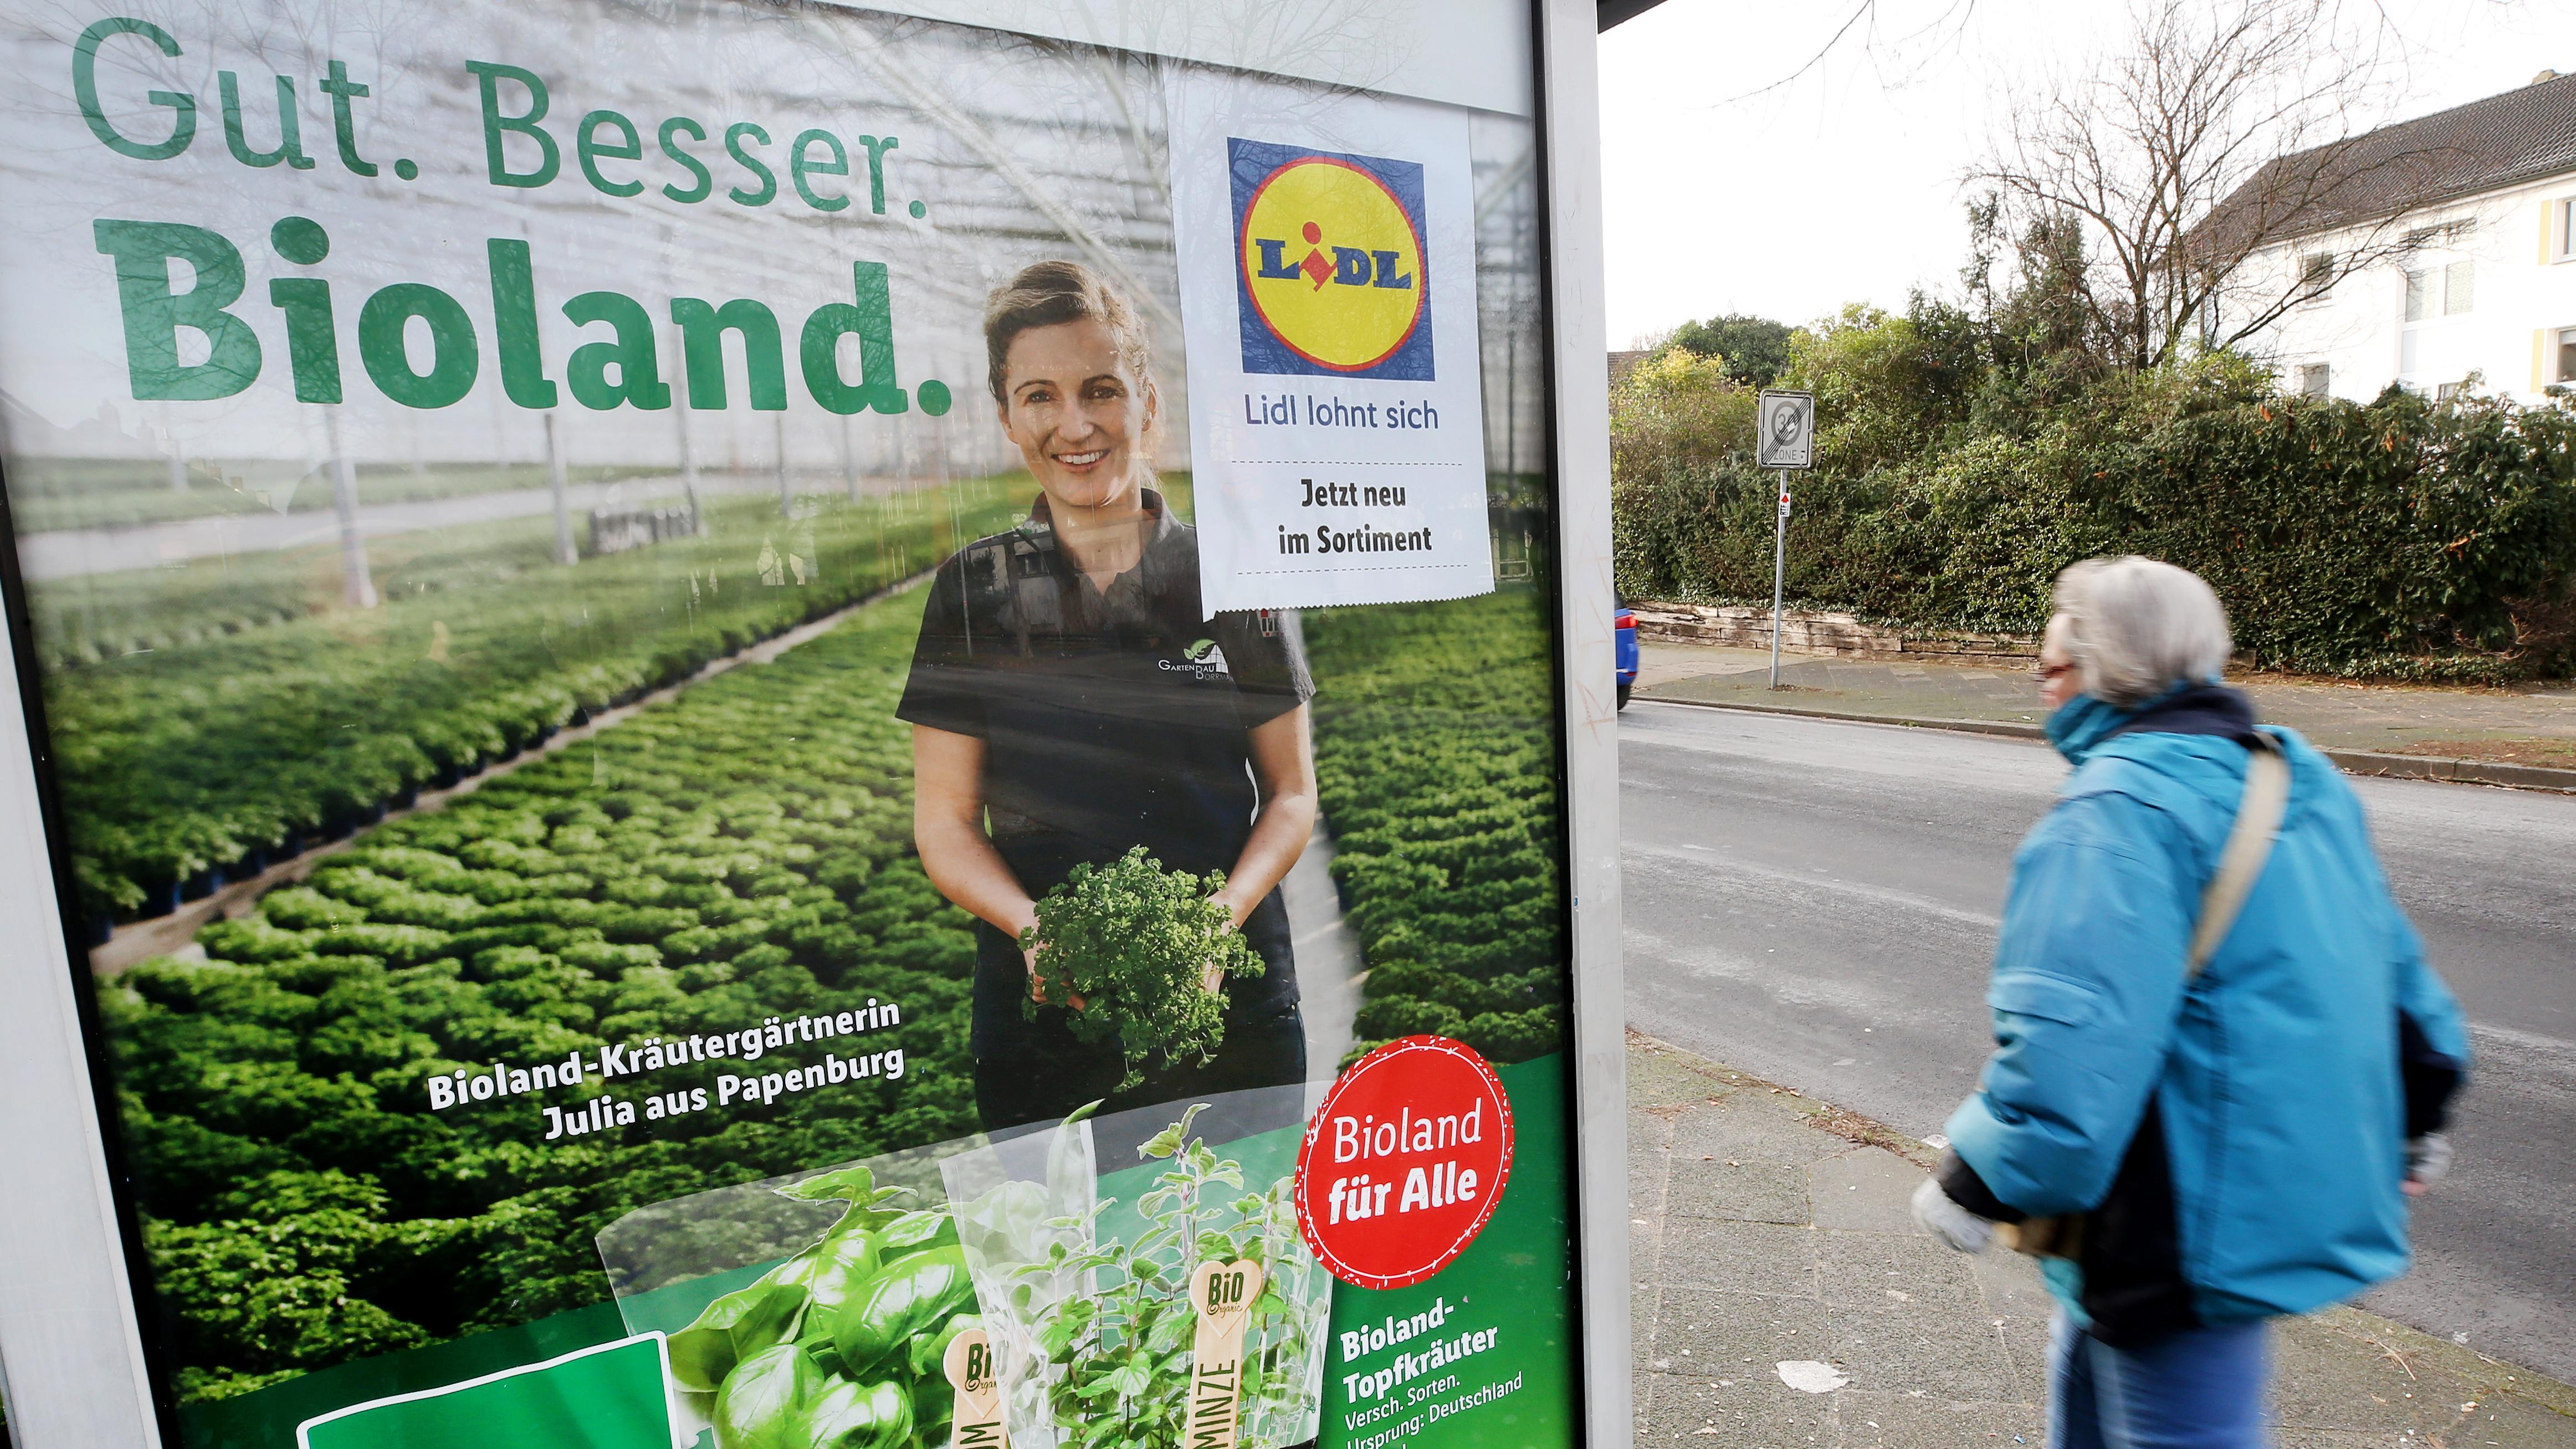 Auf einem Plakat wirbt der Discounter Lidl für seine Bioprodukte mit «Gut. Besser. Bioland».